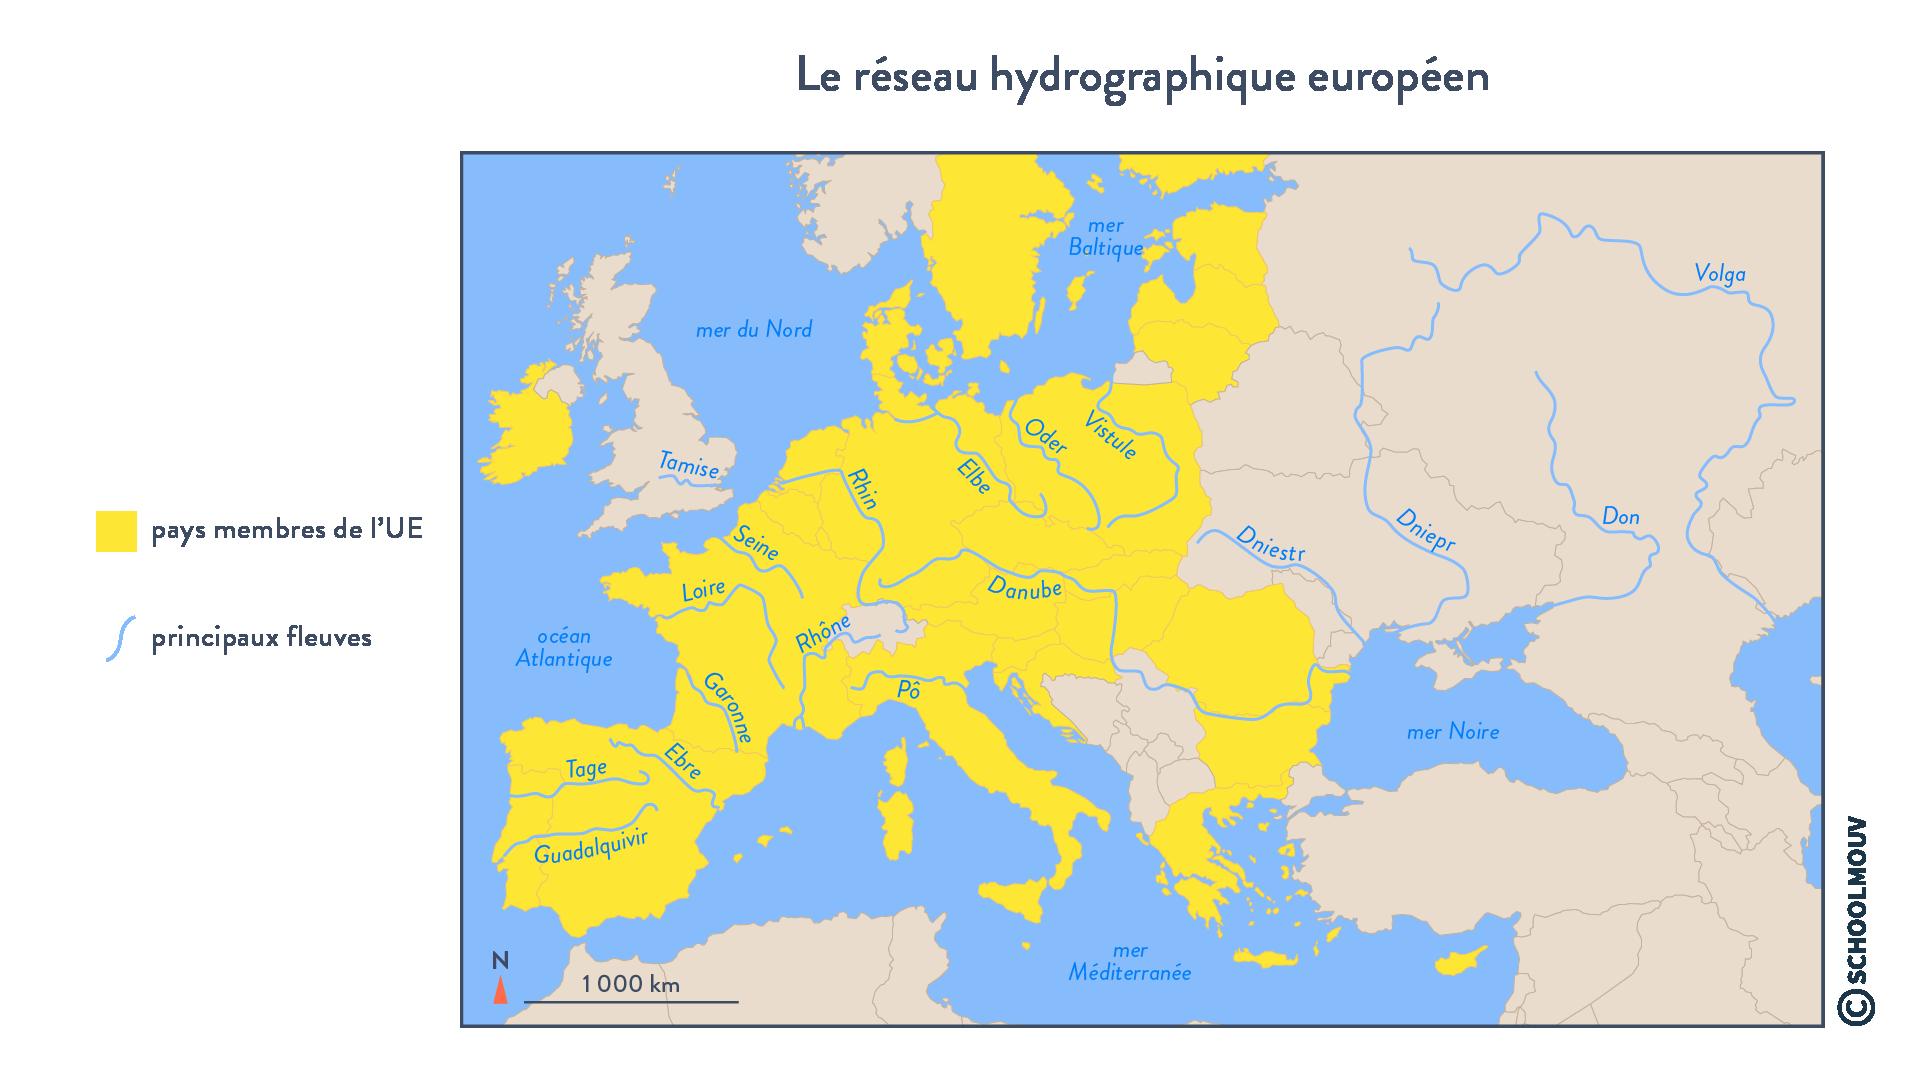 Le réseau hydrographique européen - Géographie - Terminale - SchoolMouv